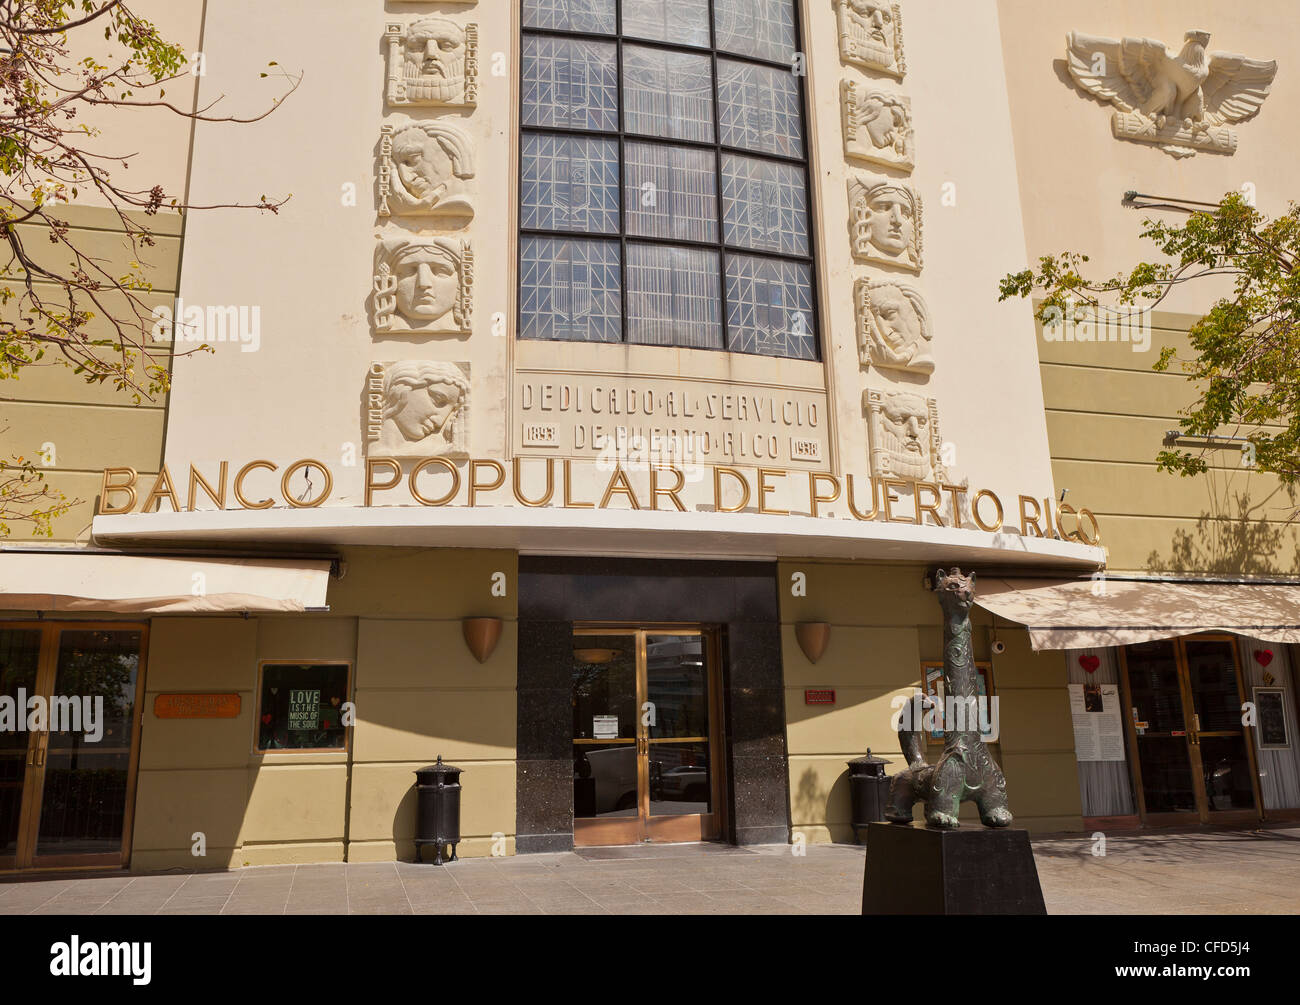 OLD SAN JUAN, PUERTO RICO - Banco Popular de Puerto Rico building. - Stock Image